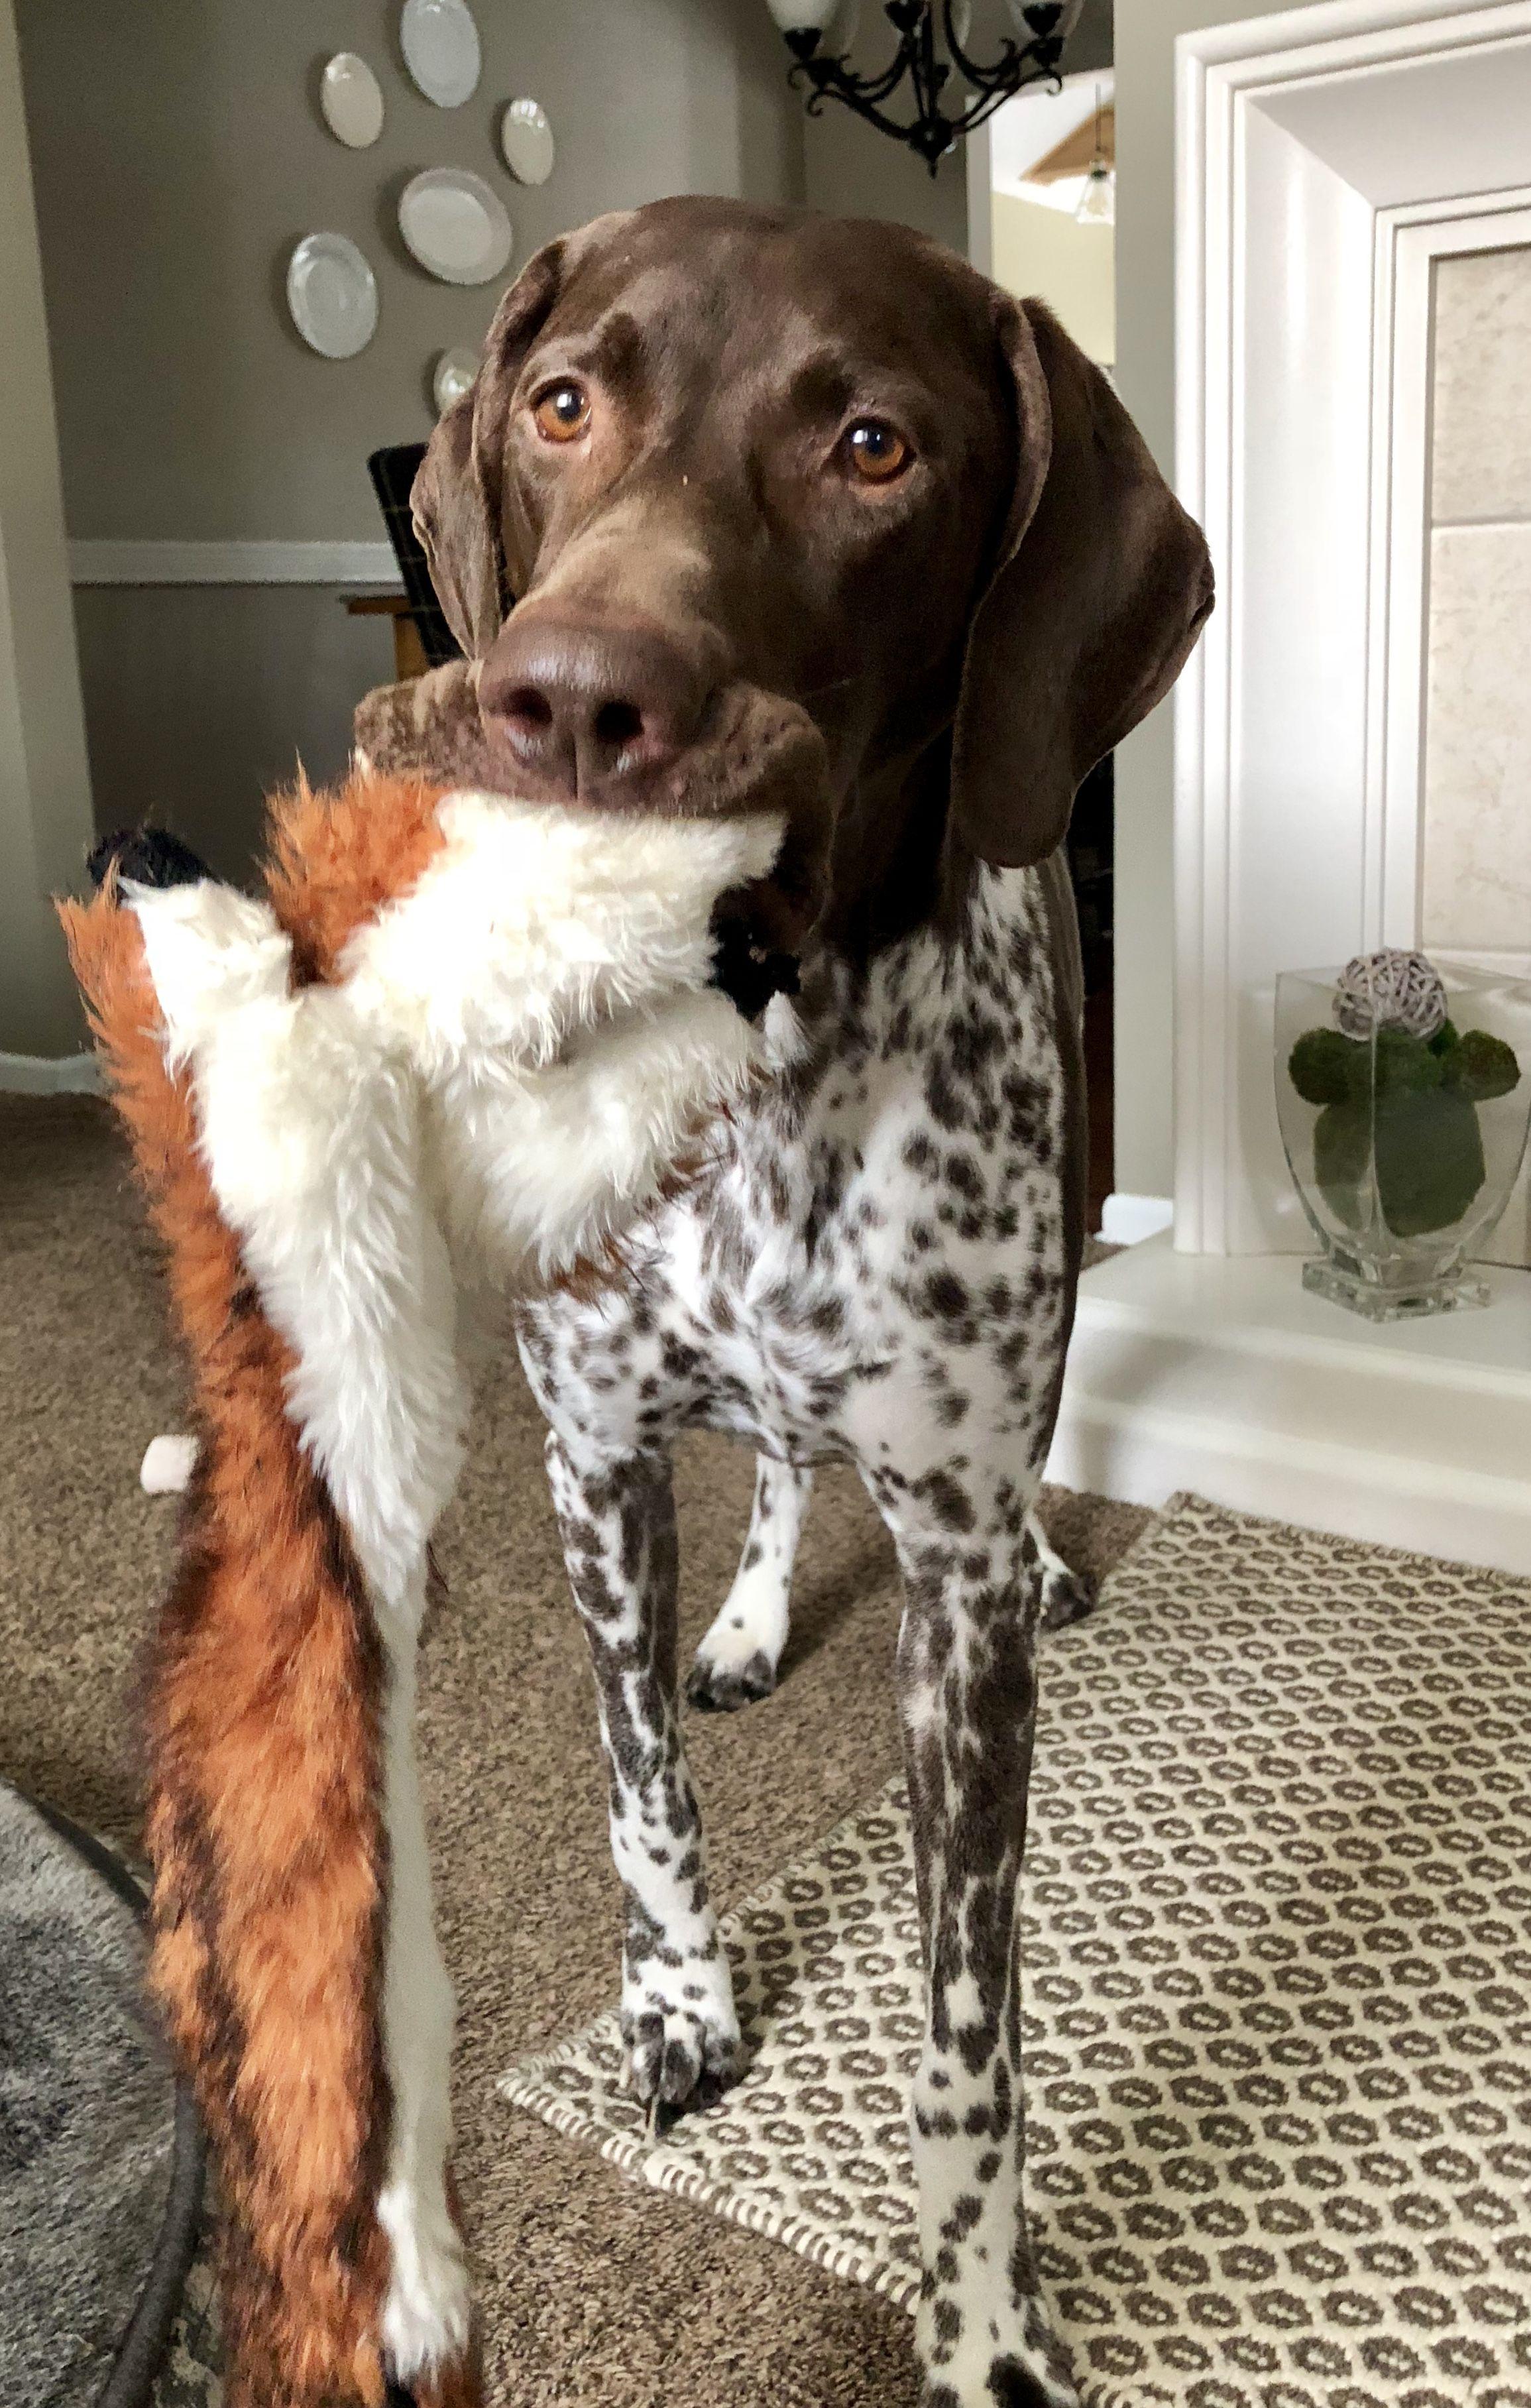 Puppy Pointer Dog Baby